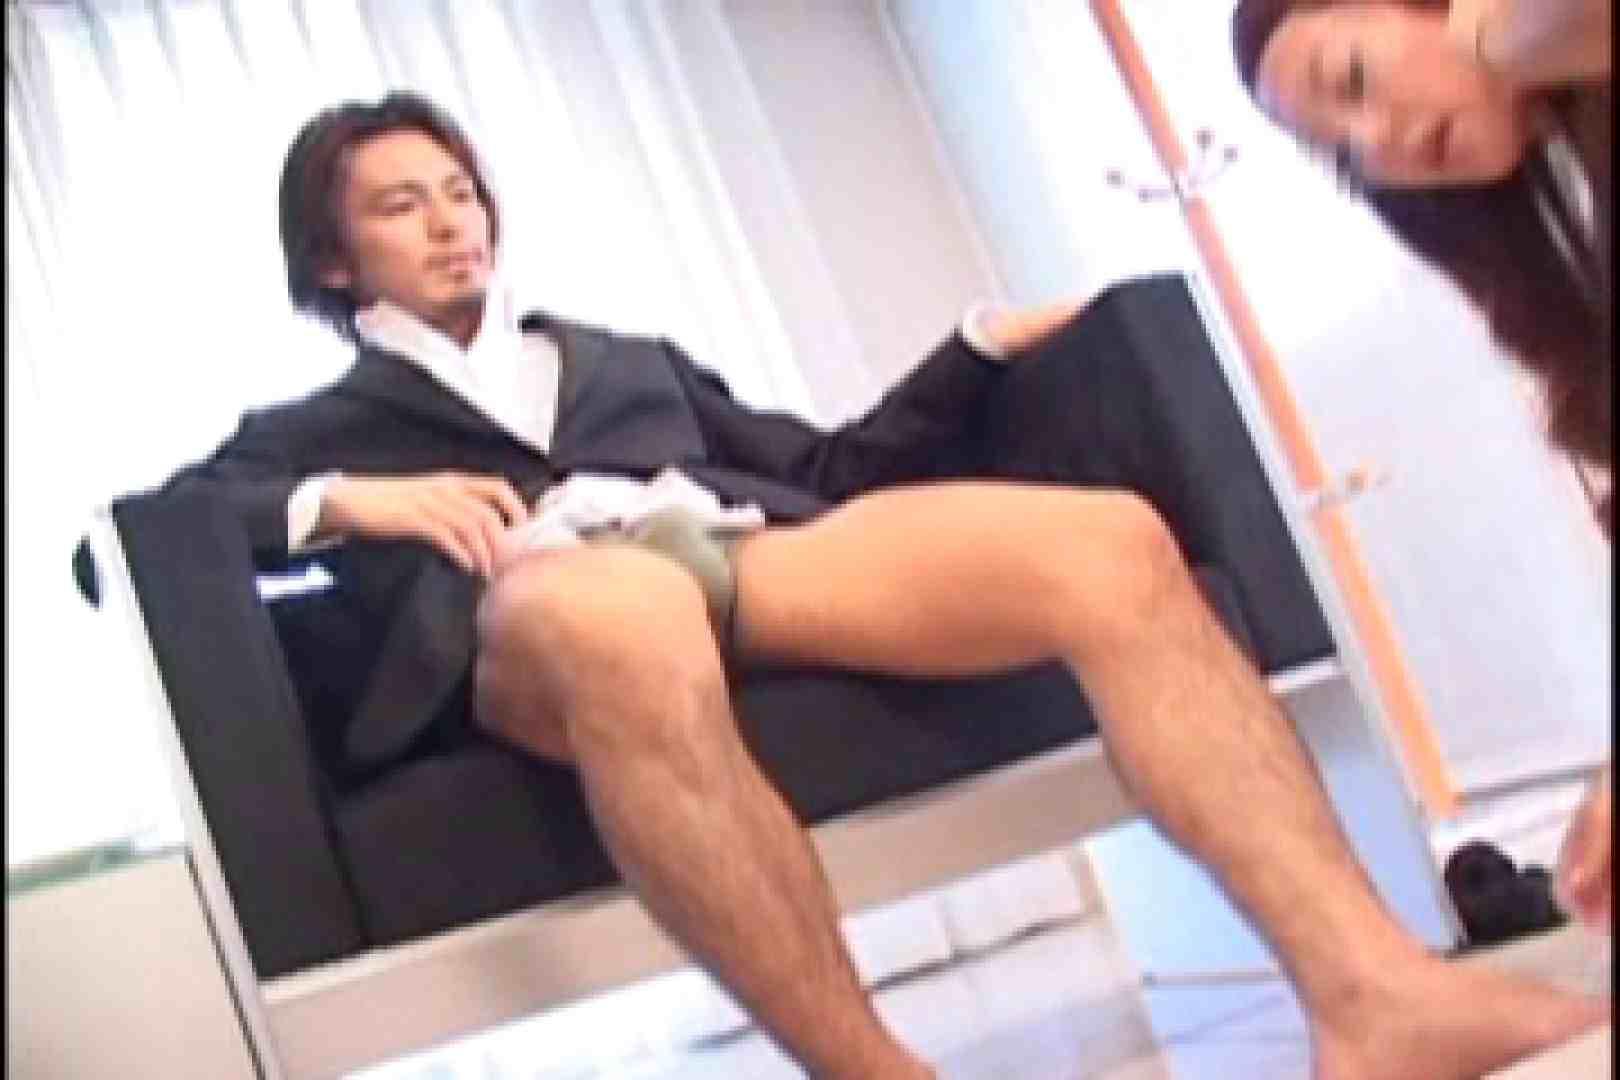 BEST OF イケメン!!男目線のガチSEX vol.06(対女性作品) 対女性 ゲイヌード画像 111枚 31